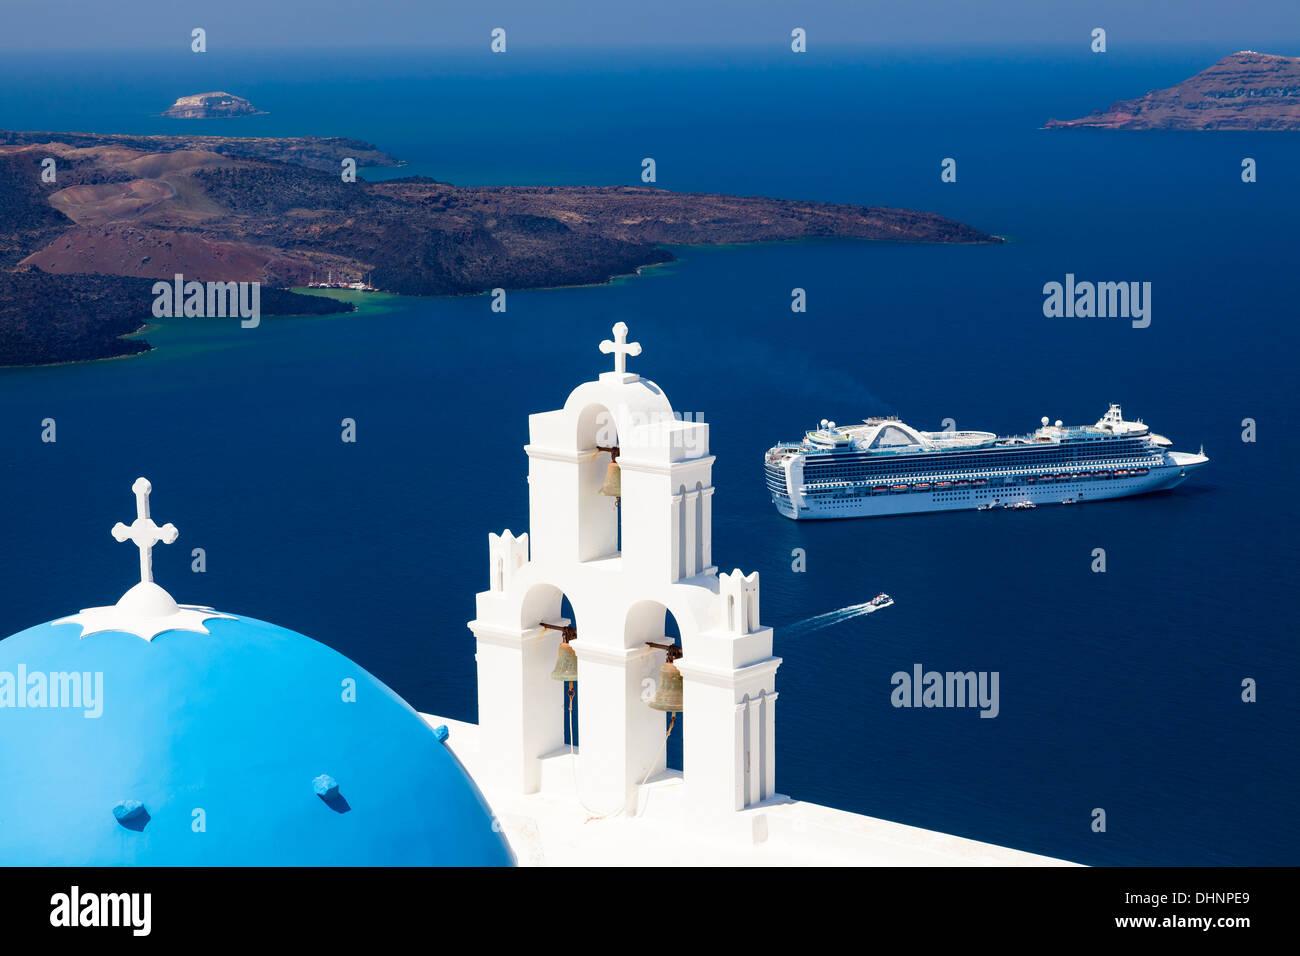 Blue Dome Kirche in Firostefani in der Nähe von Fira auf Thira Insel Santorini Griechenland Stockbild